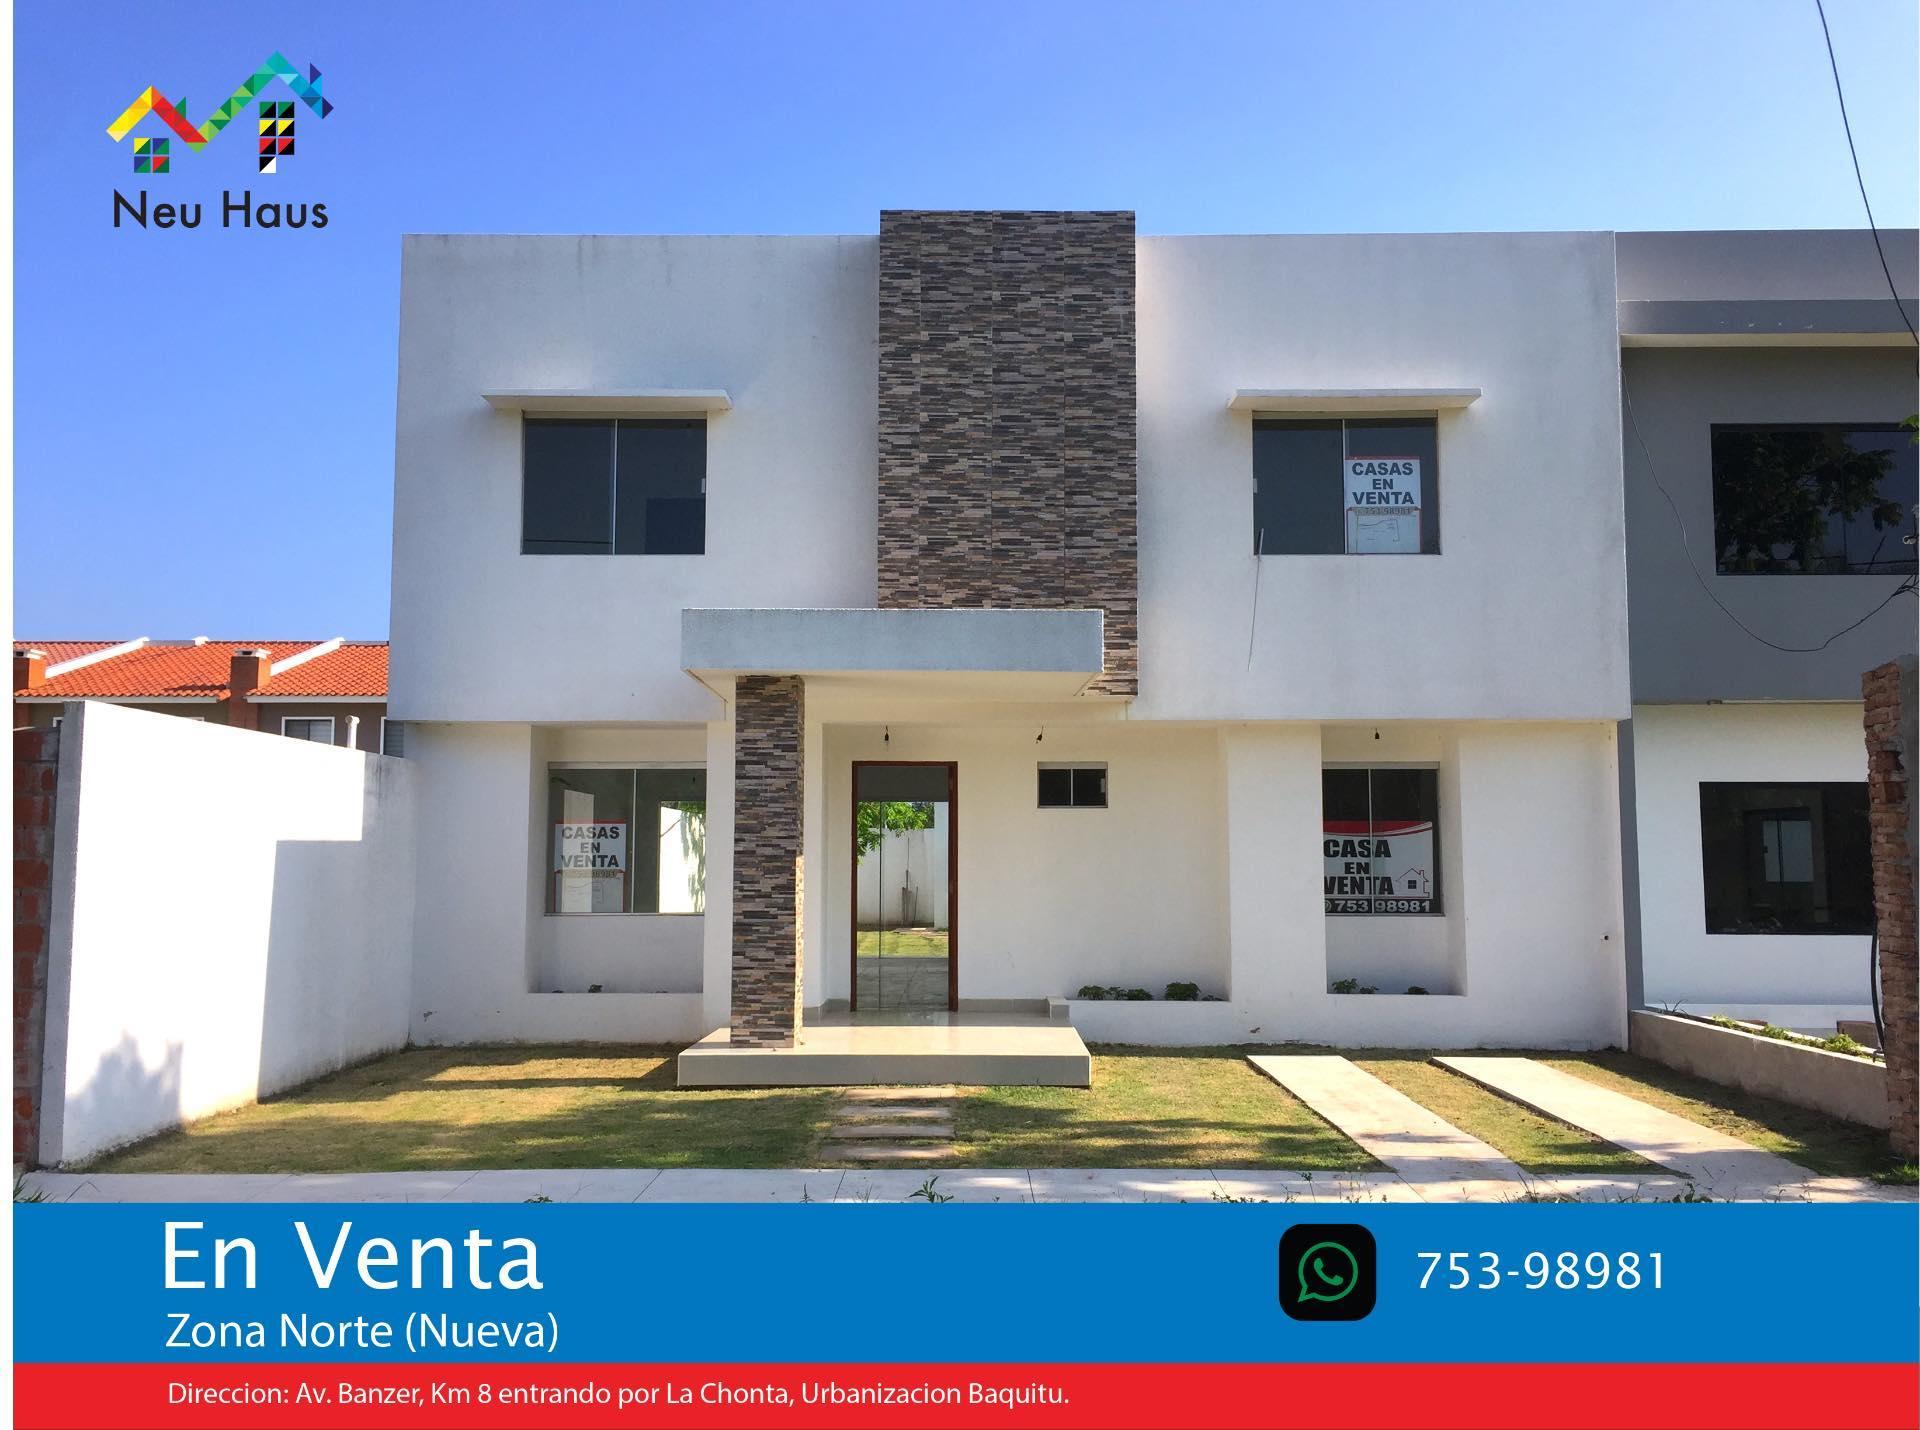 Casa en Venta Casa en Venta Urb.Baquitu, Av.Banzer entrando por La Chonta (800 Mts.) o Av.Beni 9no Anillo (Nueva Avenida) Foto 2